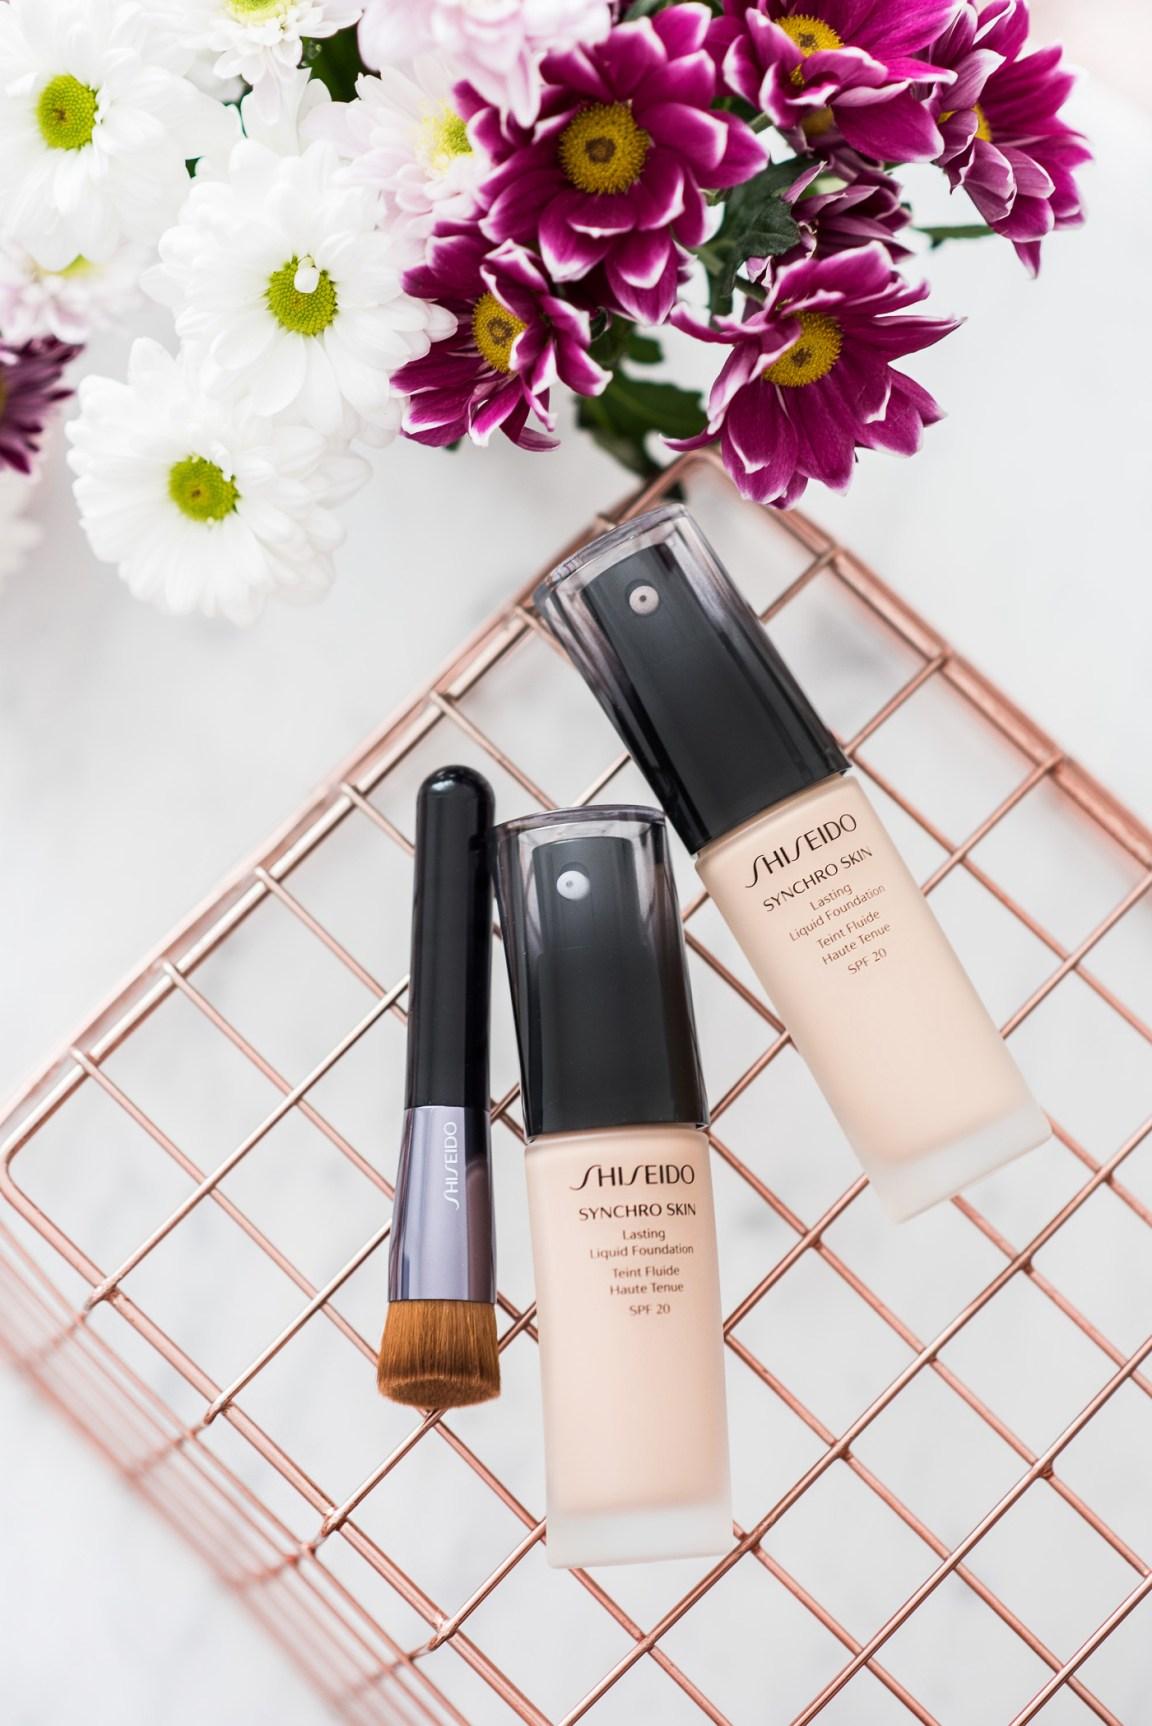 Shiseido_Synchro_Skin_Foundation_1a